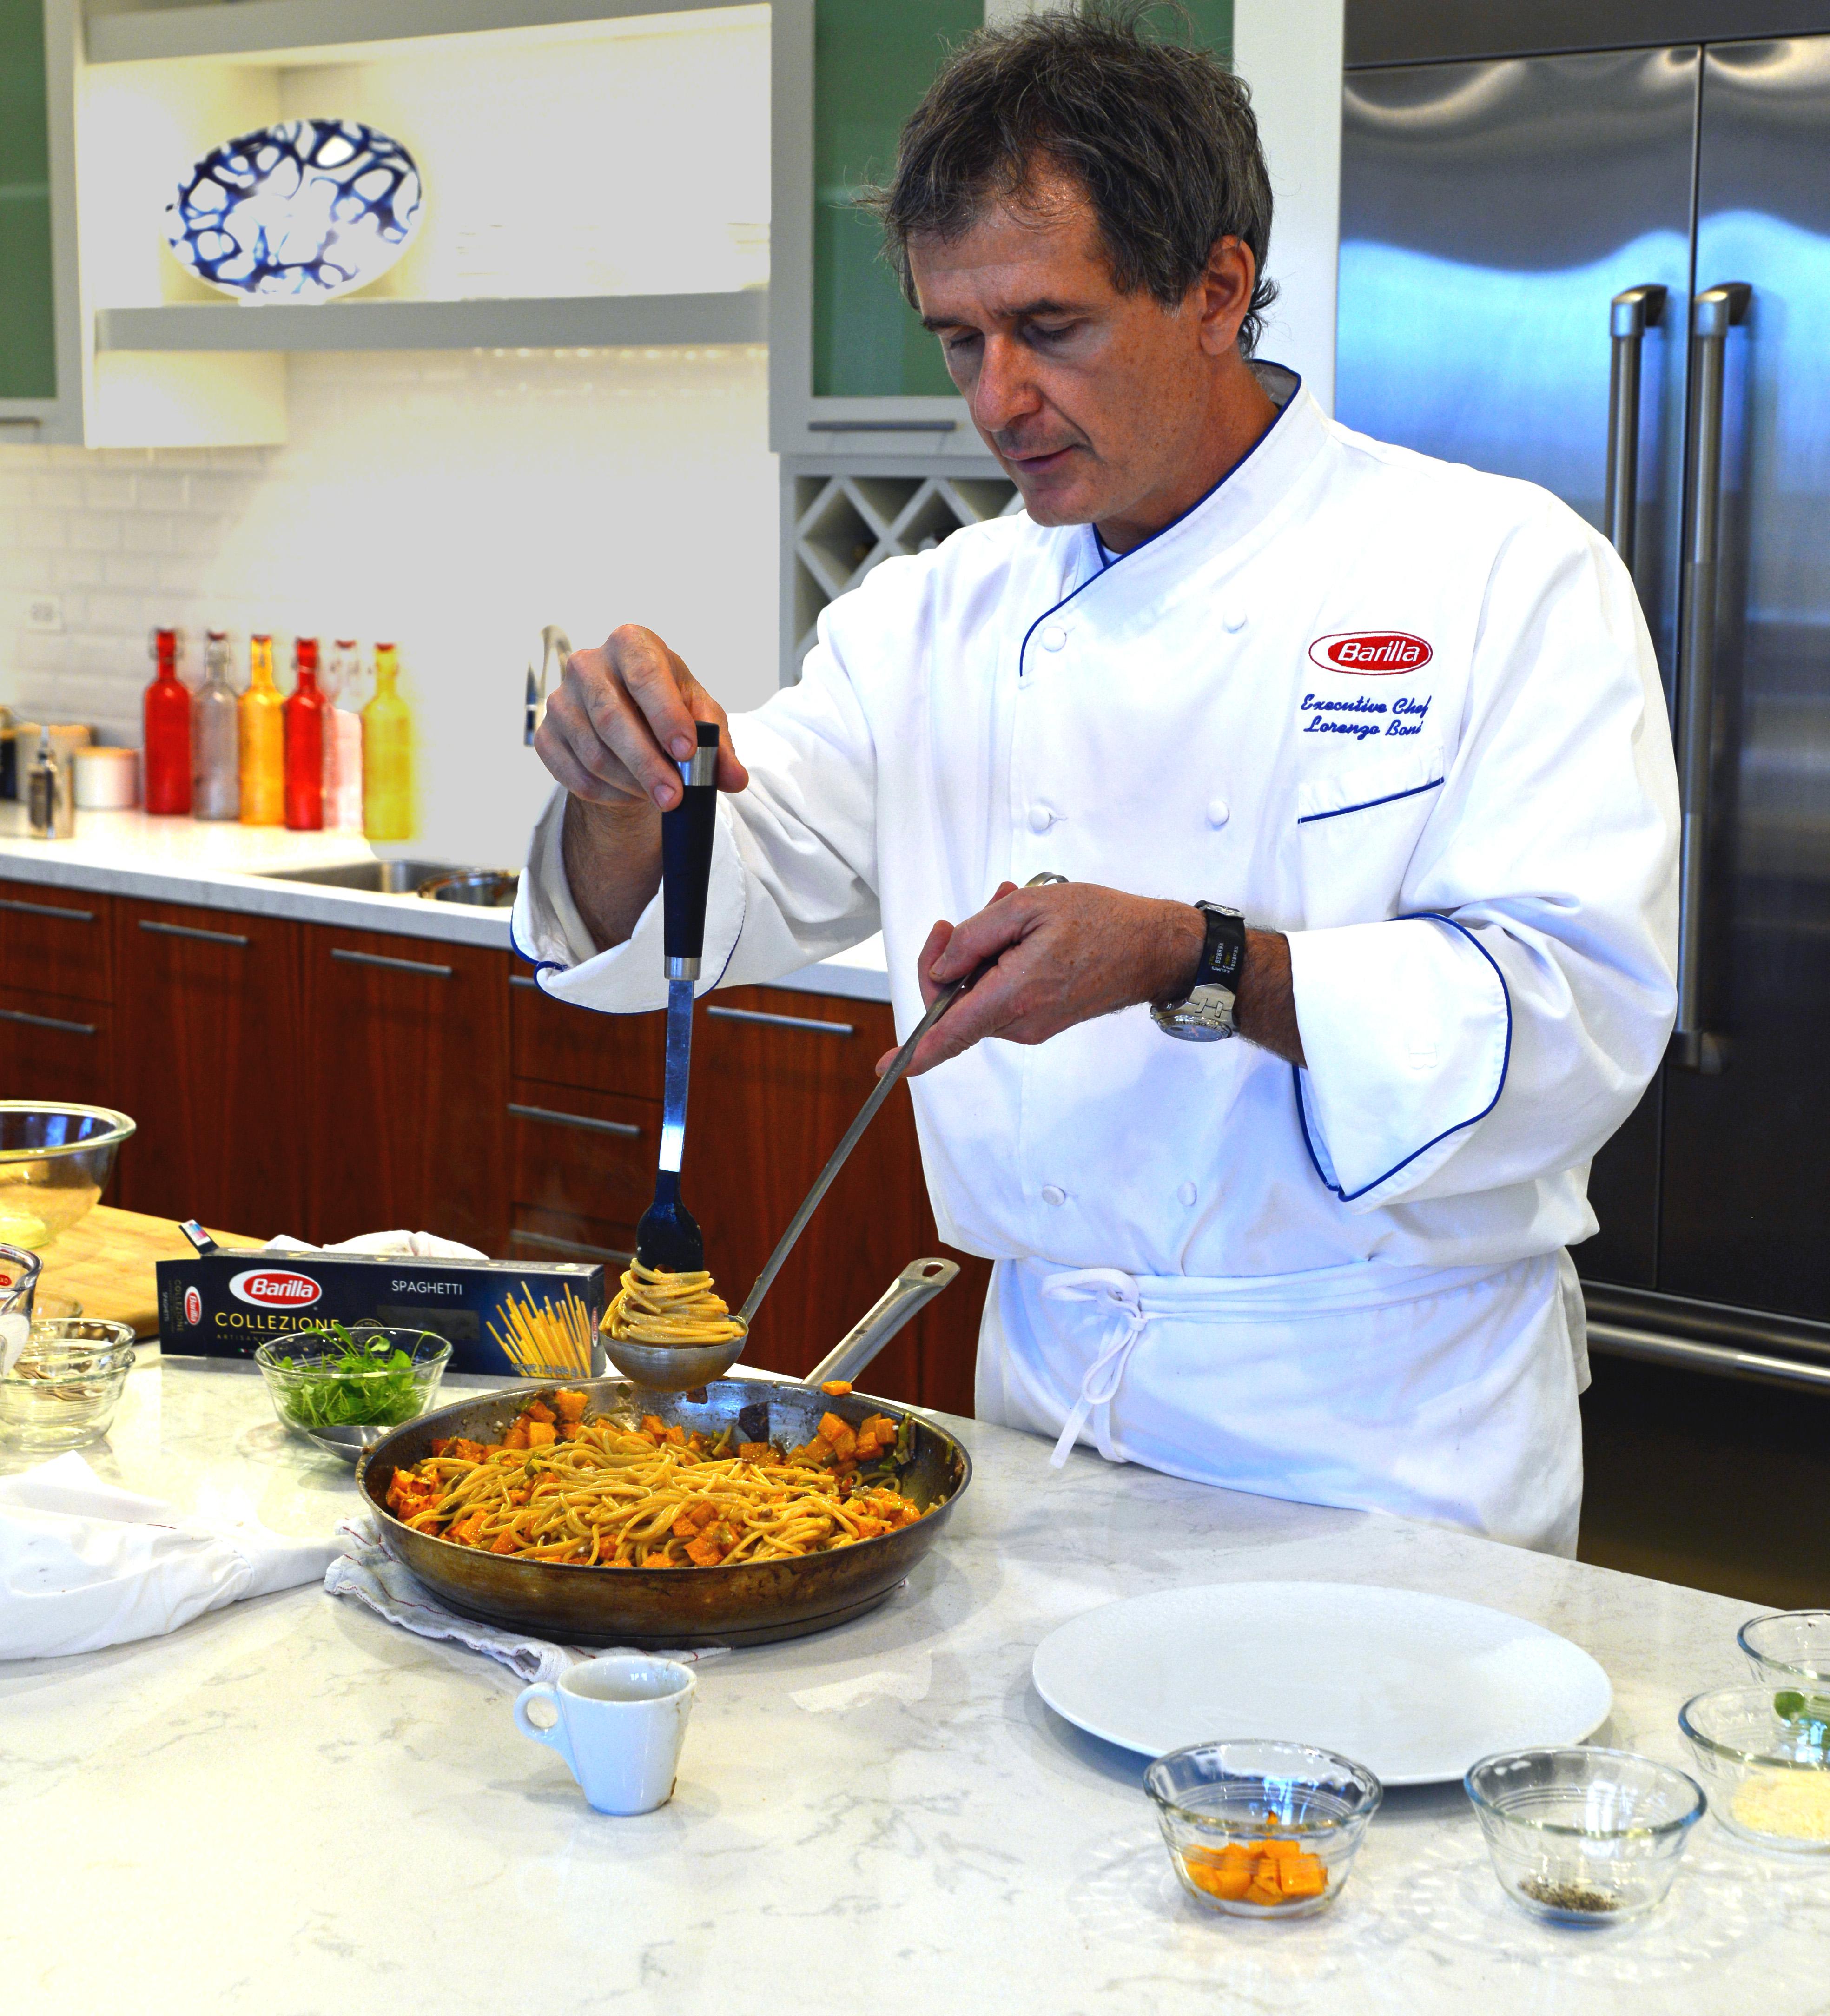 Barilla Chef Boni Pasta Swirl